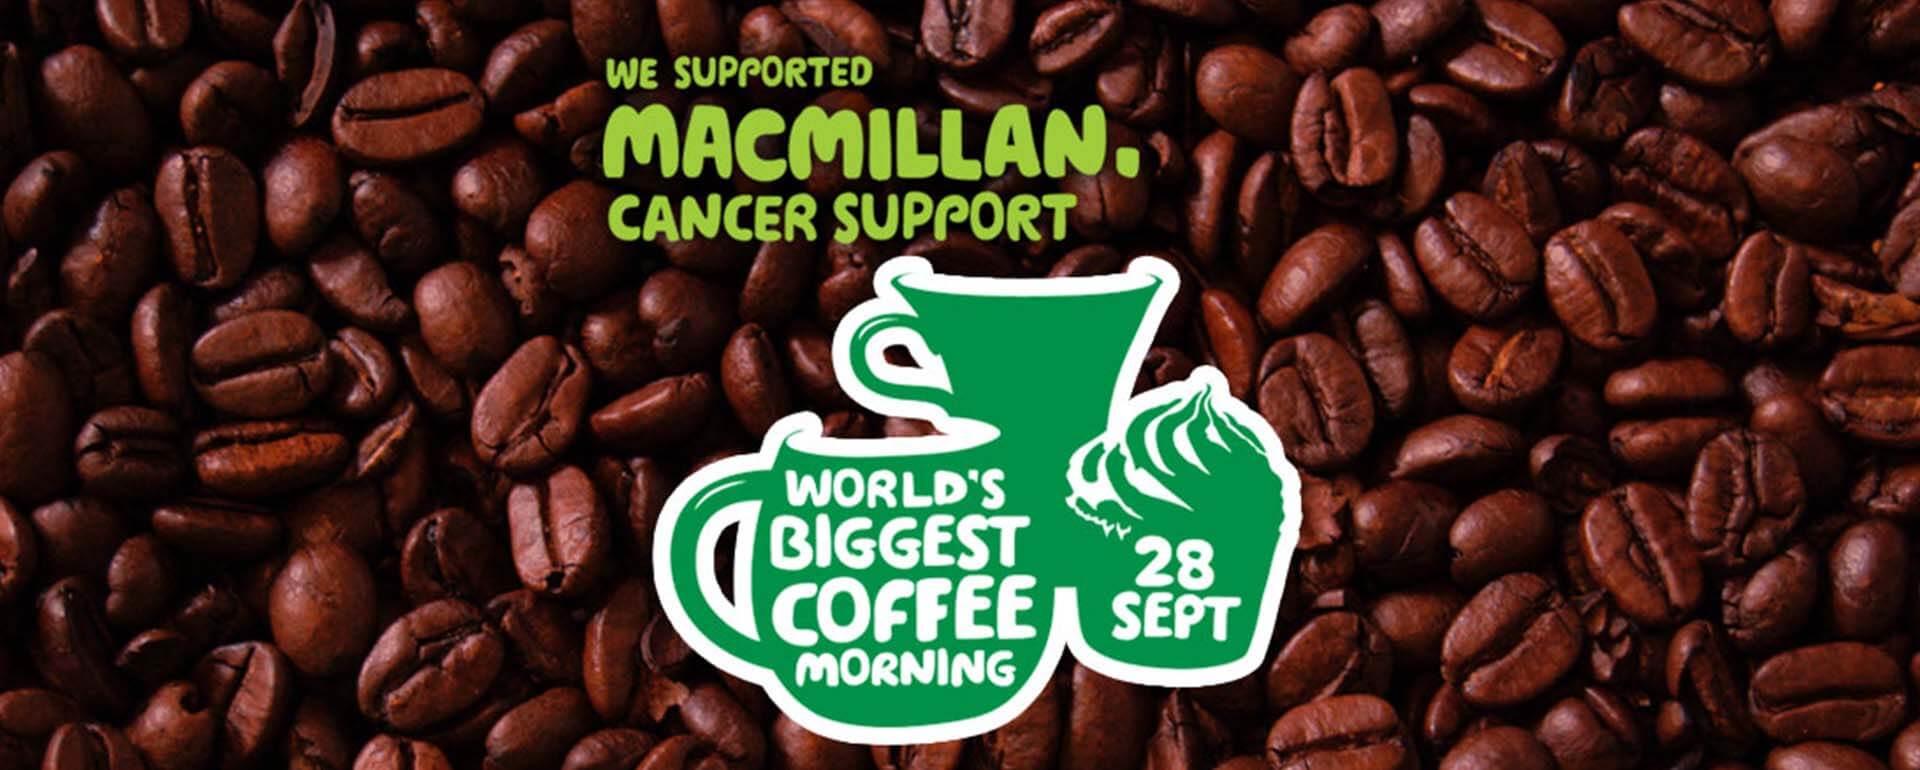 MacMillan Coffee Morning 2012